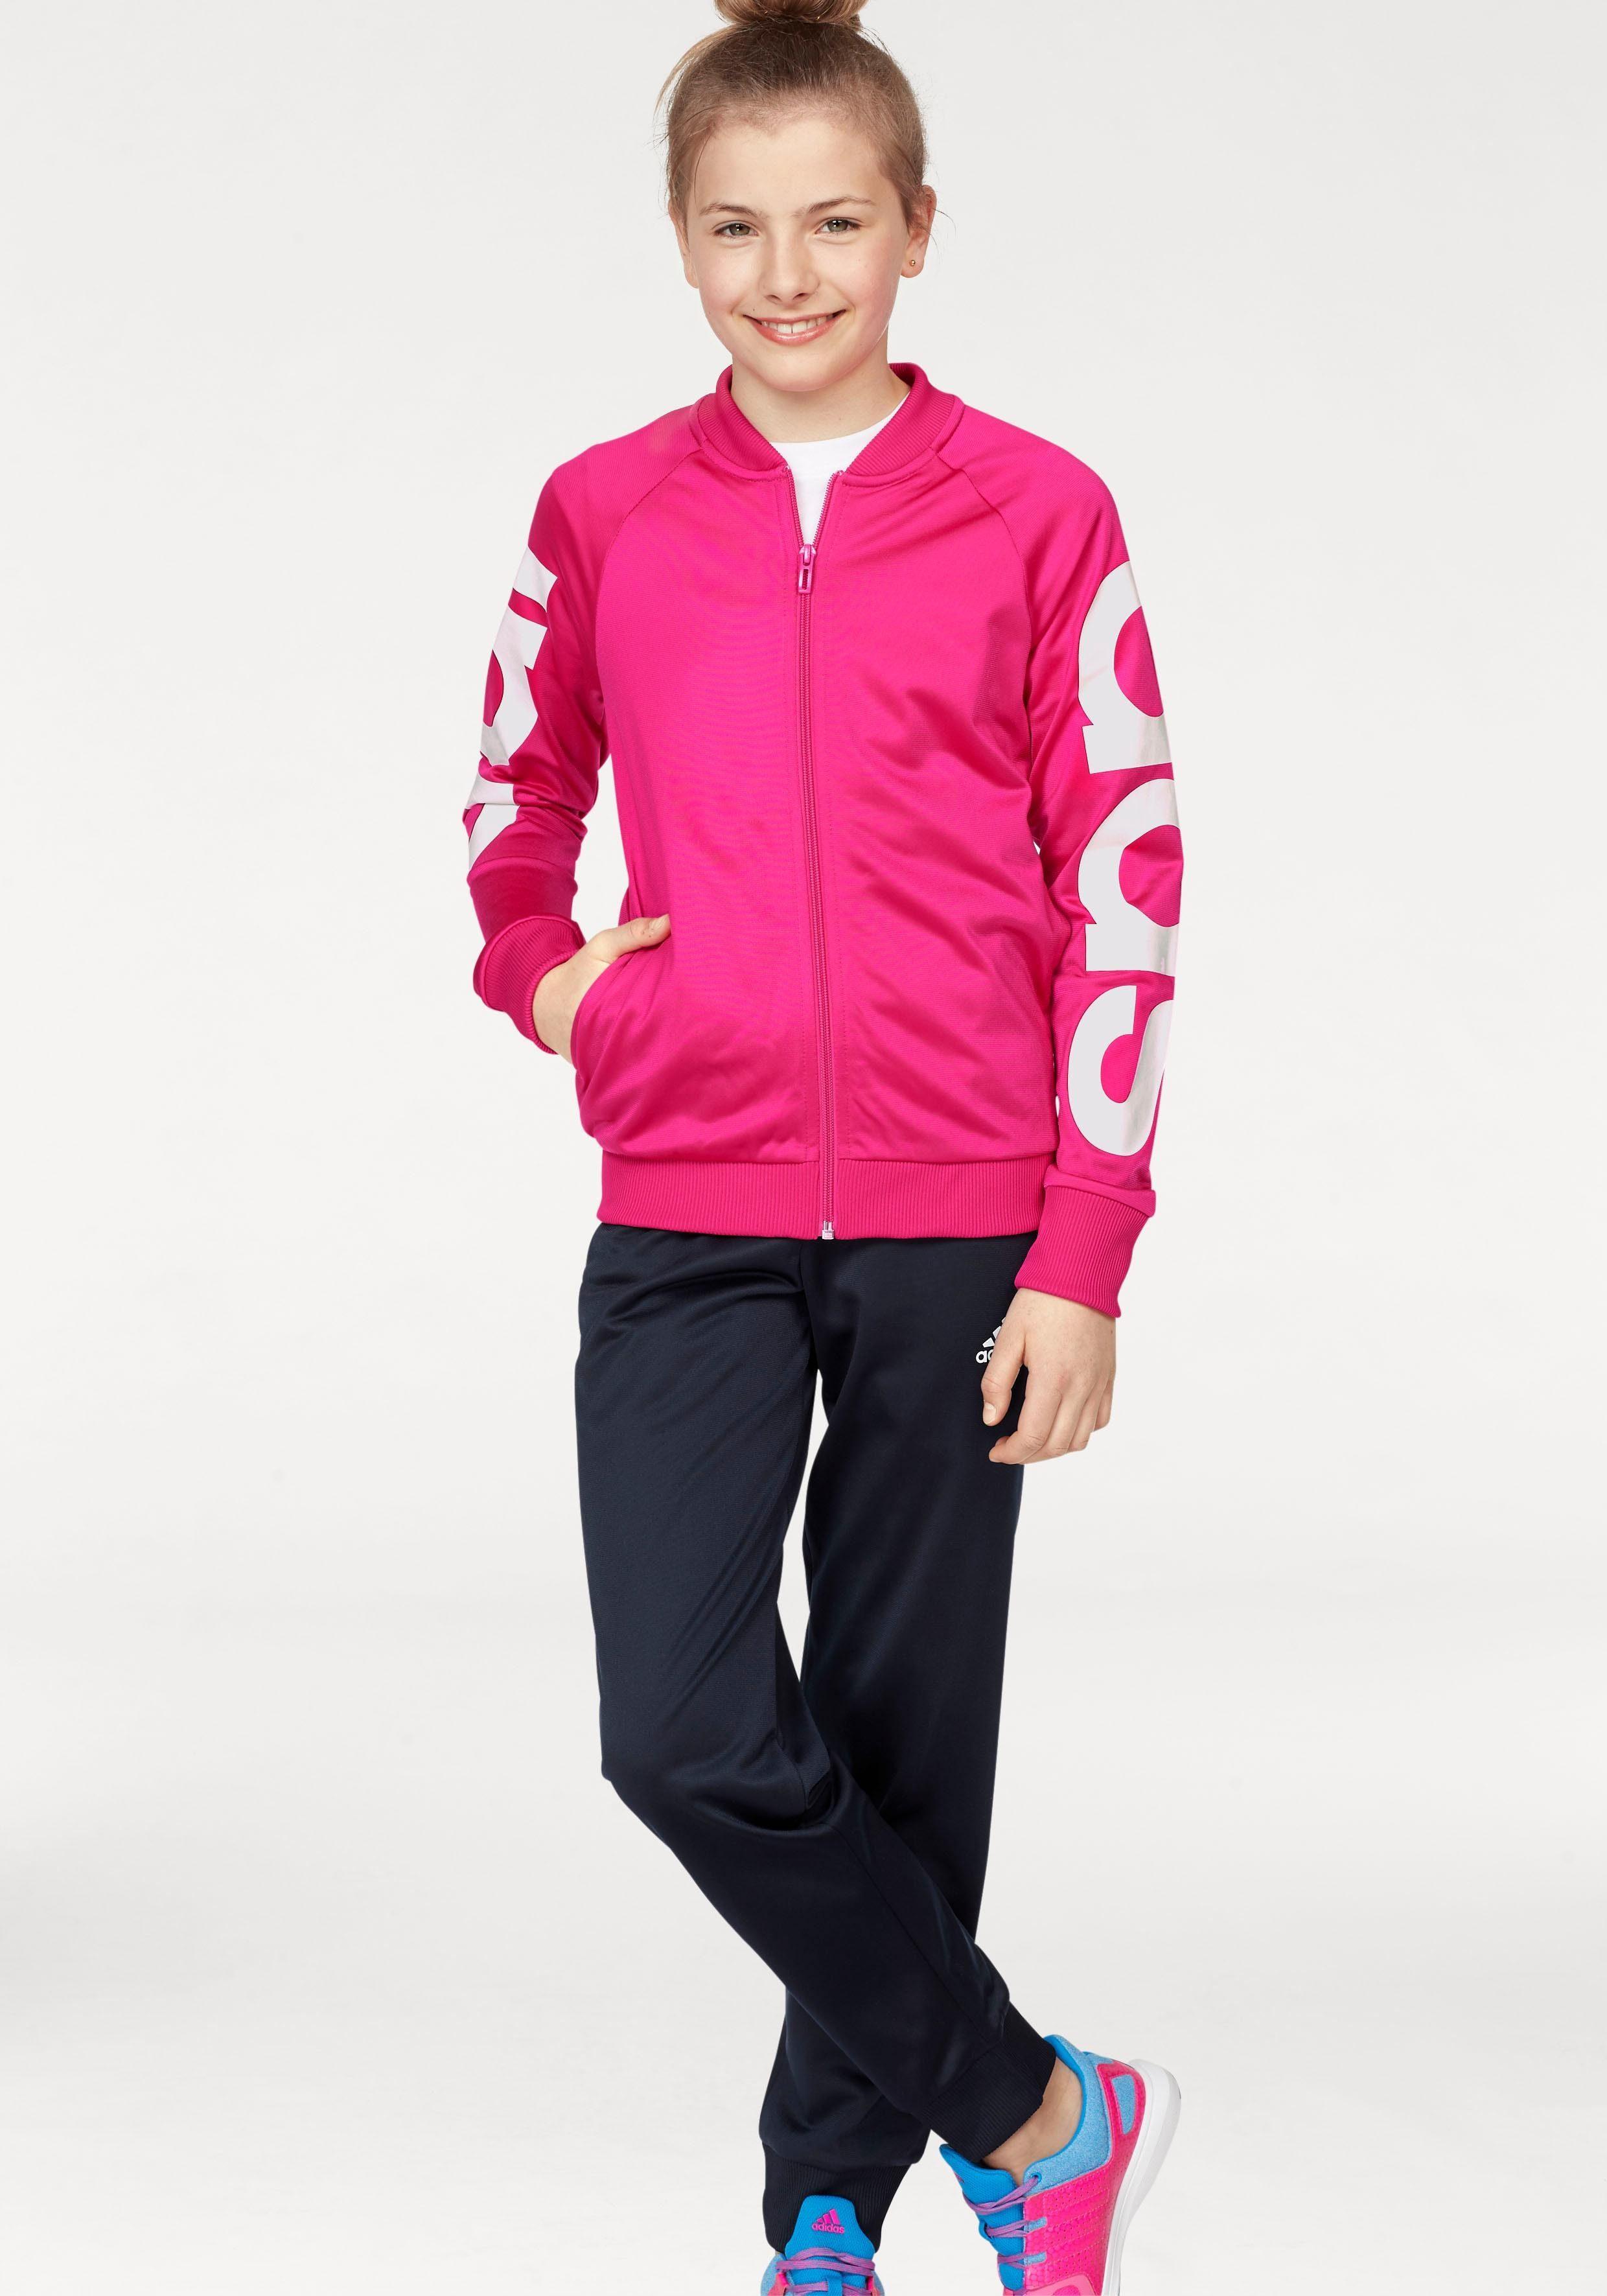 ADIDAS Anzug mädchen pinkschwarz original Größe 18 24